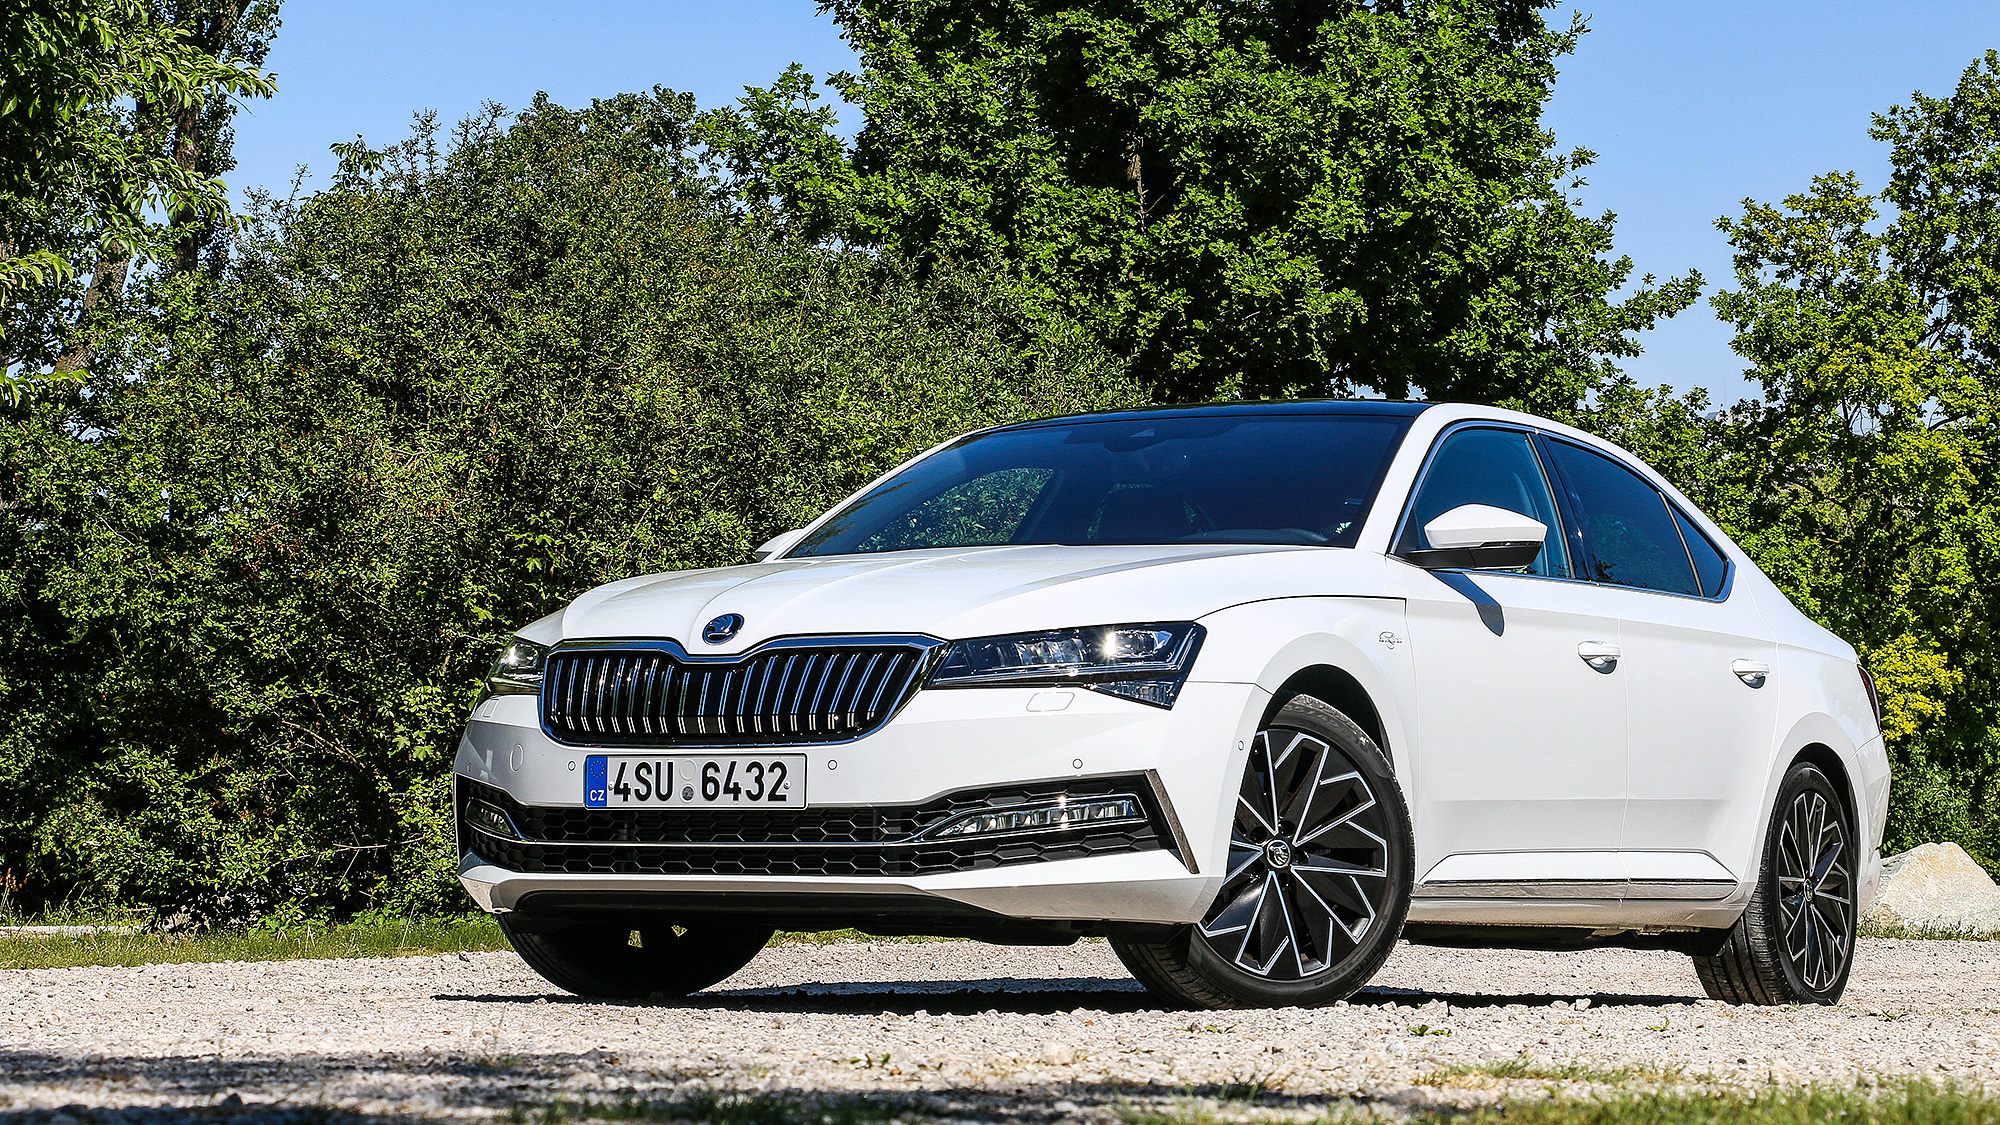 艱難的戰局,小改款 Škoda Superb 怎麼打?